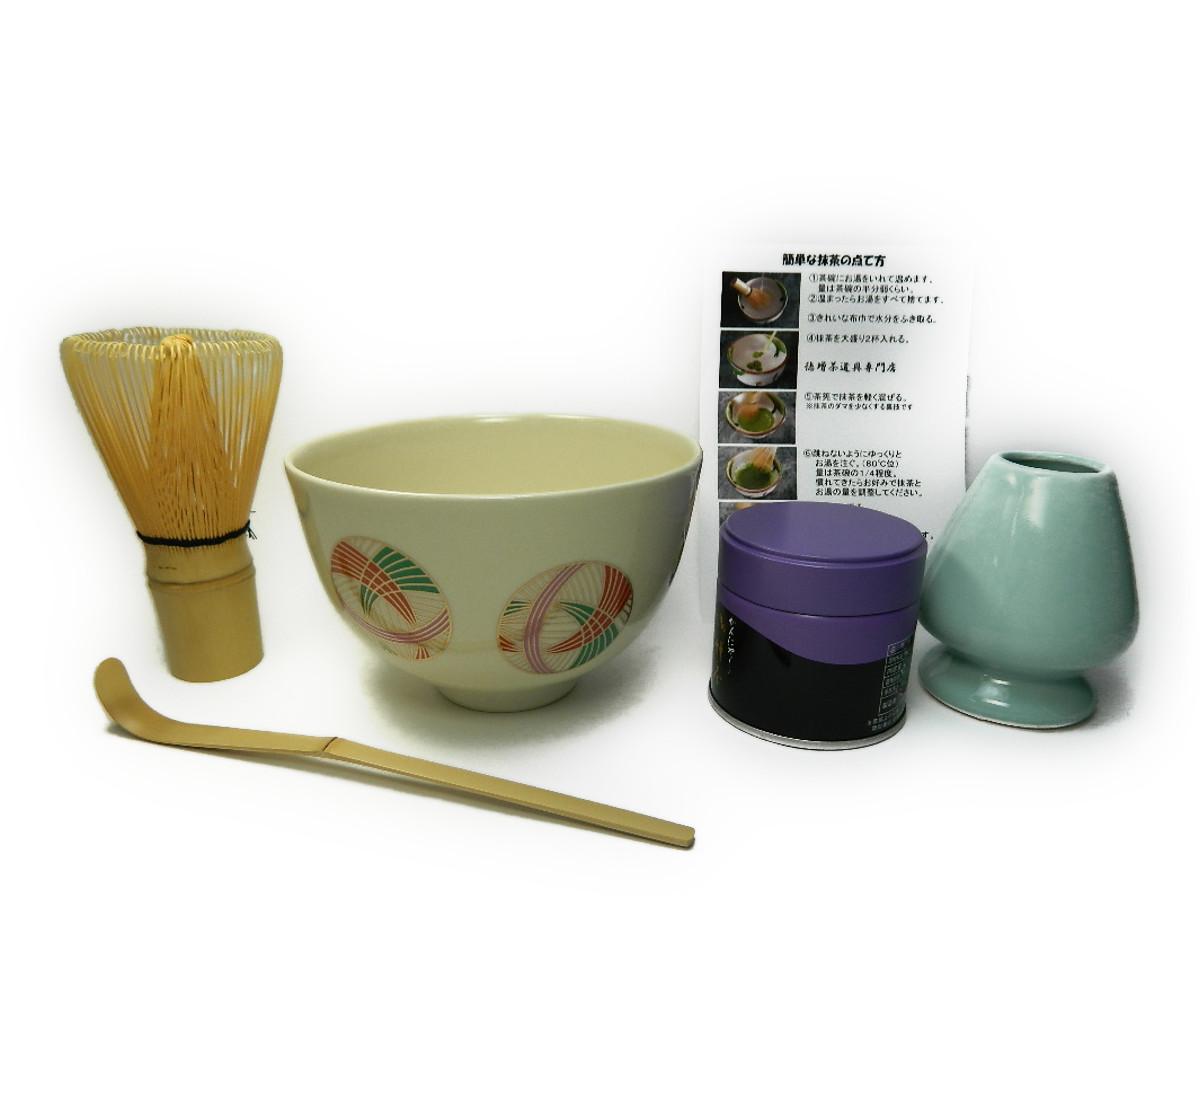 画像1: 抹茶碗が選べる 美濃焼 お抹茶セット 茶道具